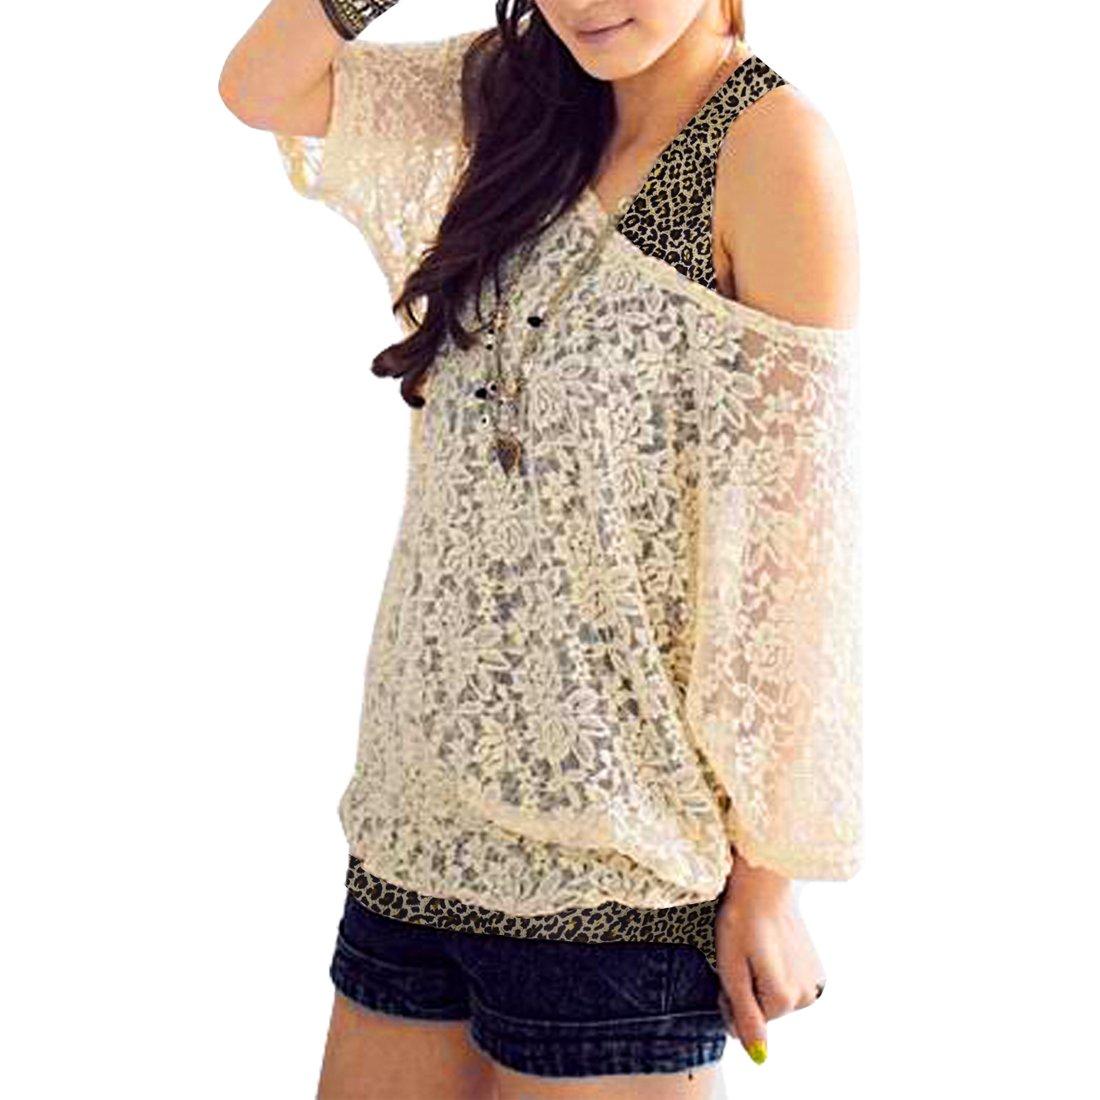 Allegra K Women Scoop Neck Mid Sleeve Sheer Shirt w Leopard Print Tank Top